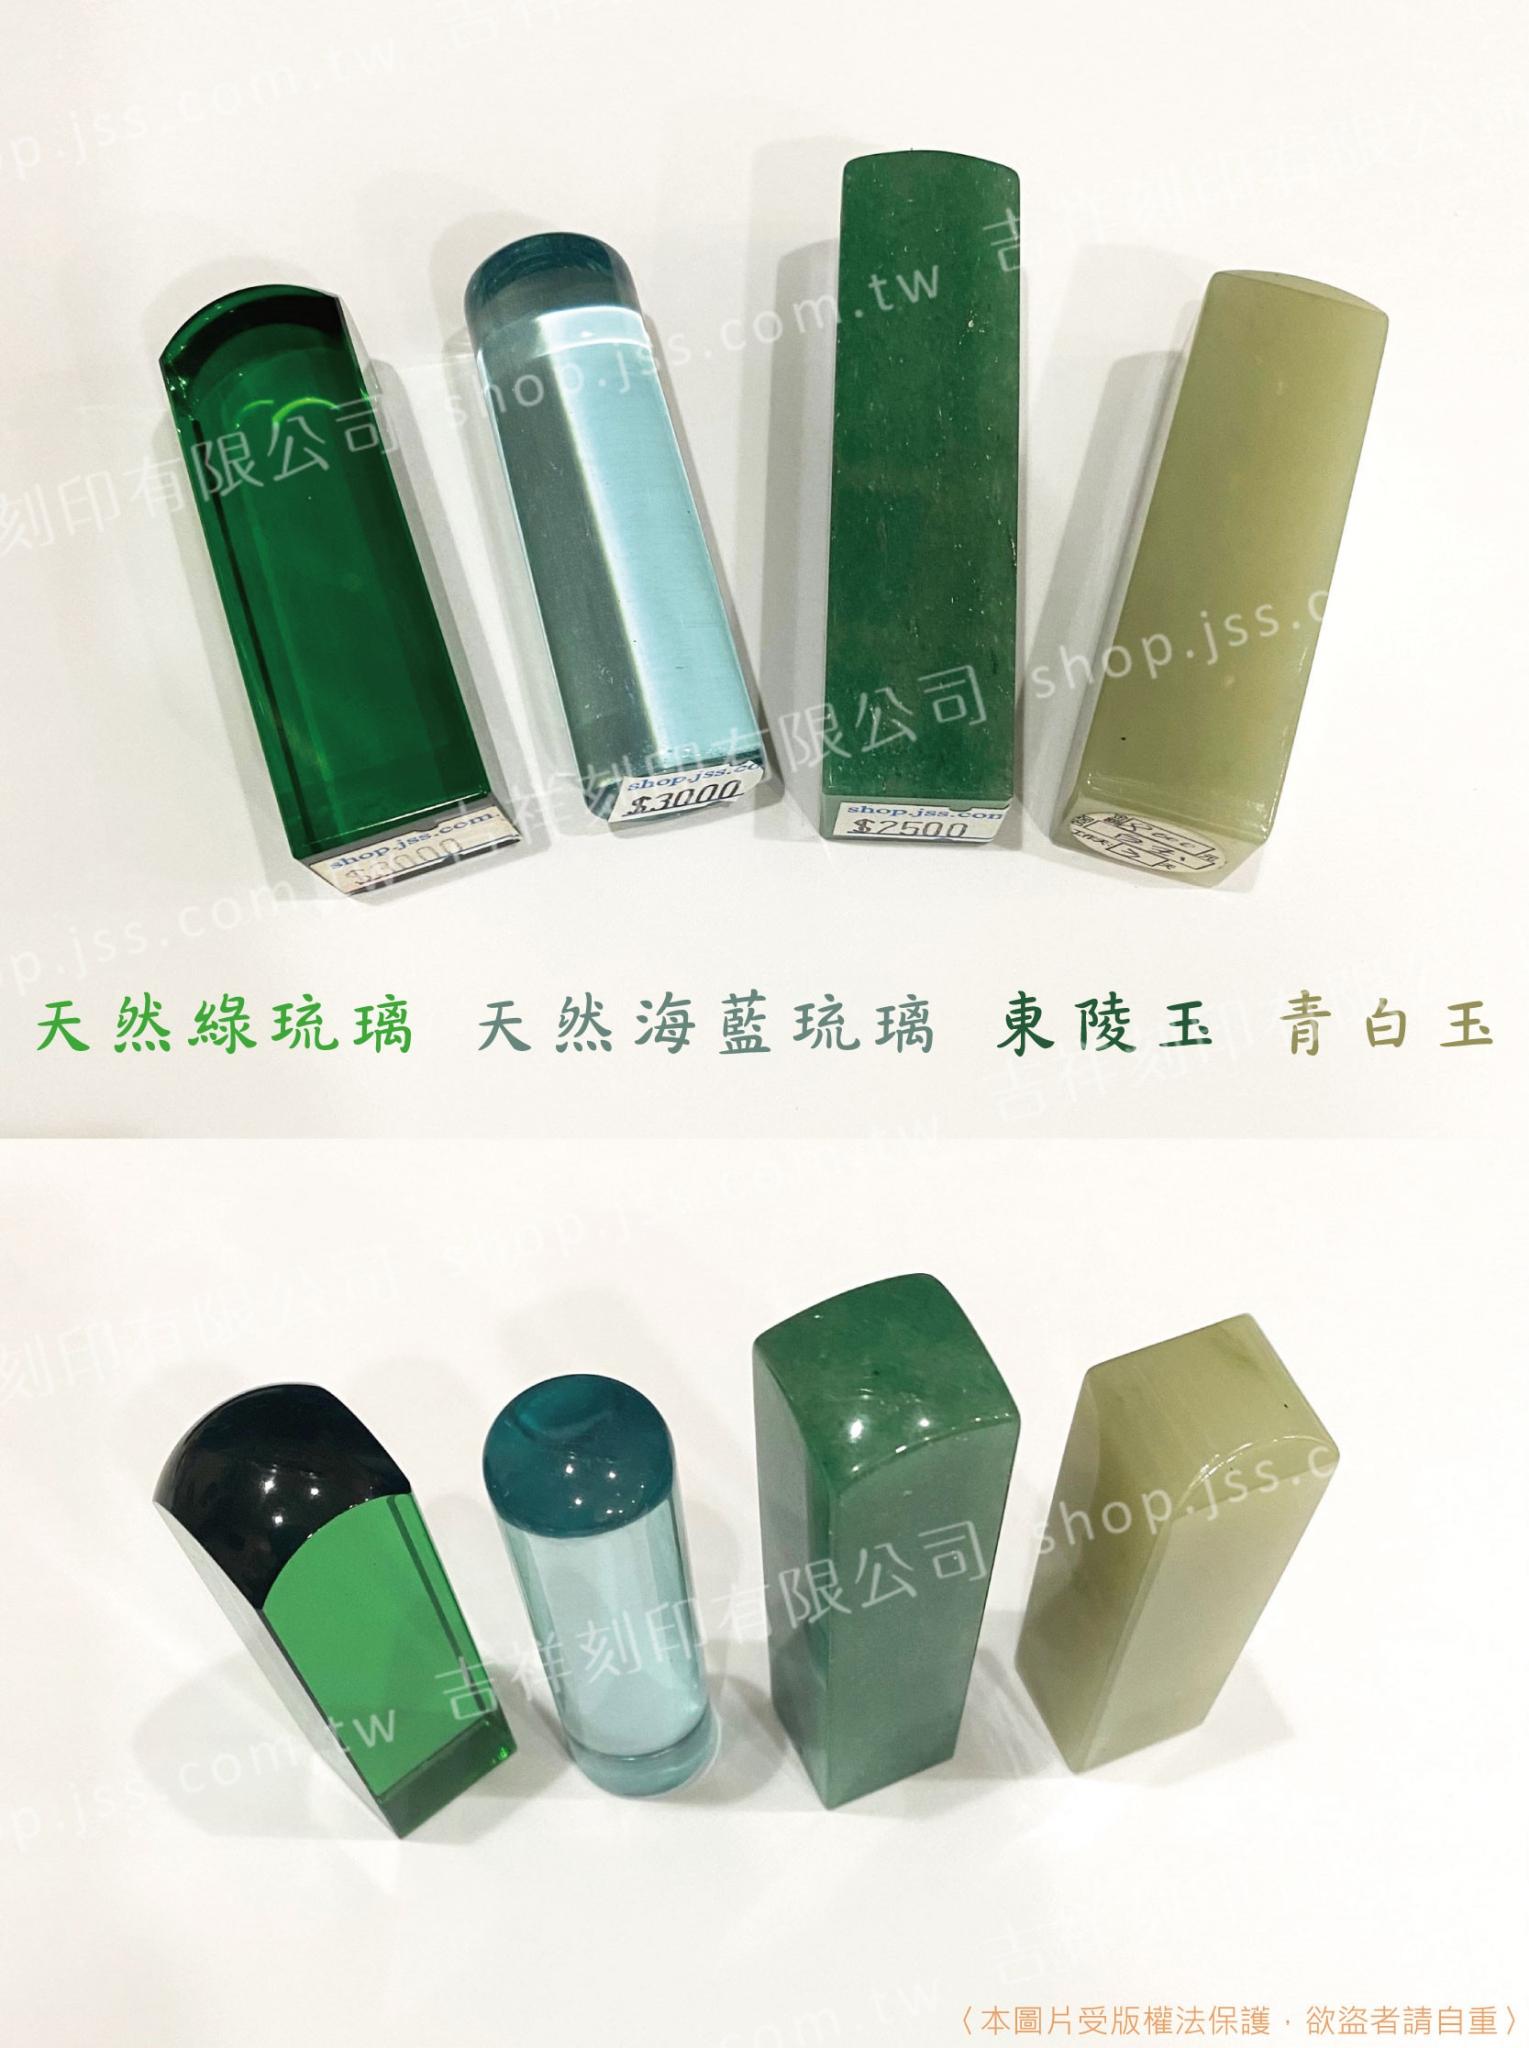 天然綠琉璃 天然海藍琉璃 東陵玉 青白玉